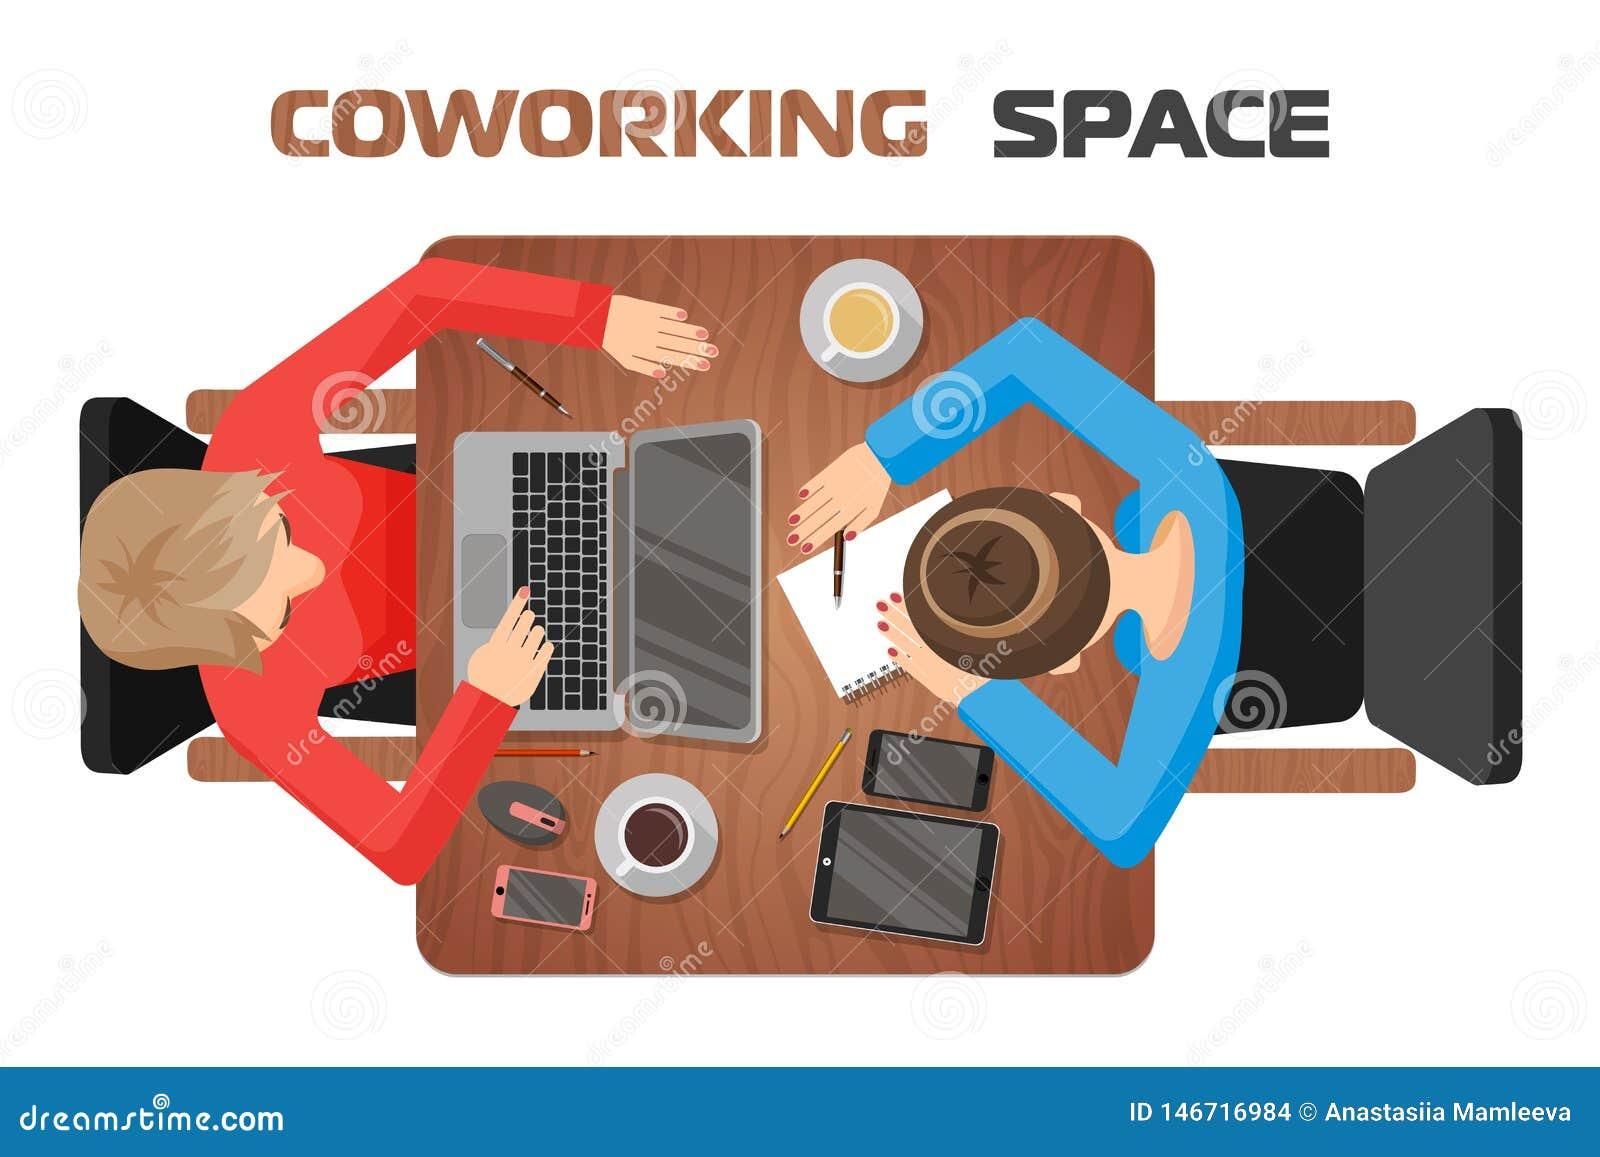 Concept werkplaatsen in het coworking van ruimte voor twee mensen Twee meisjes bij het bureau